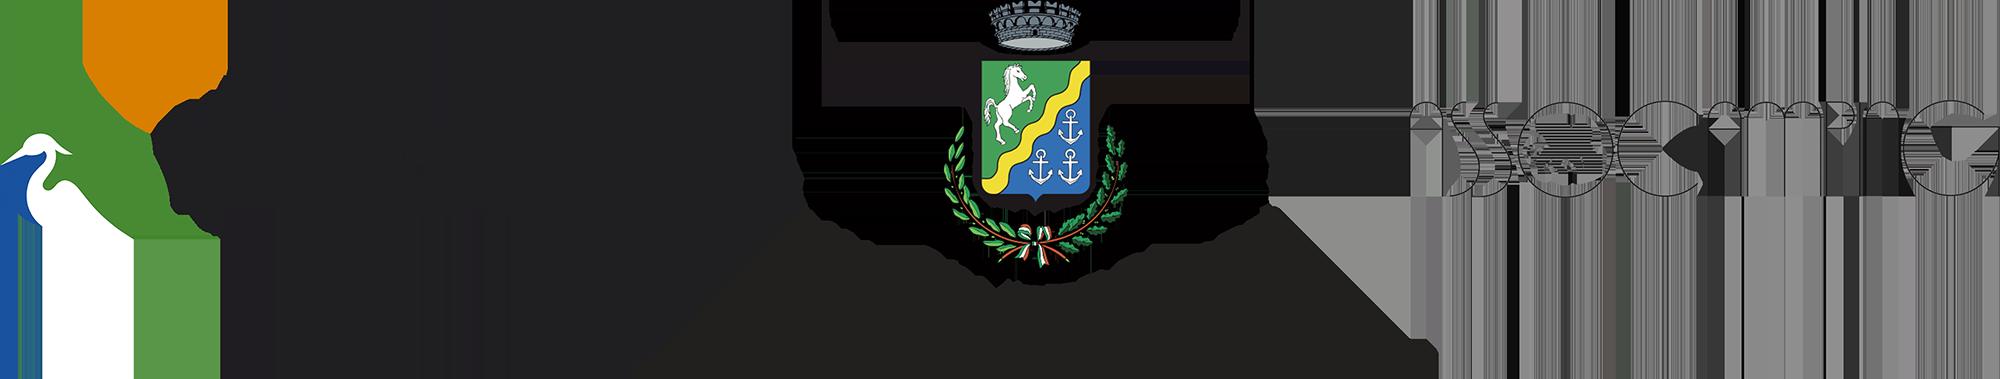 Parco Turistico di Cavallino Treporti - Comune di Cavallino Treporti - Assocamping